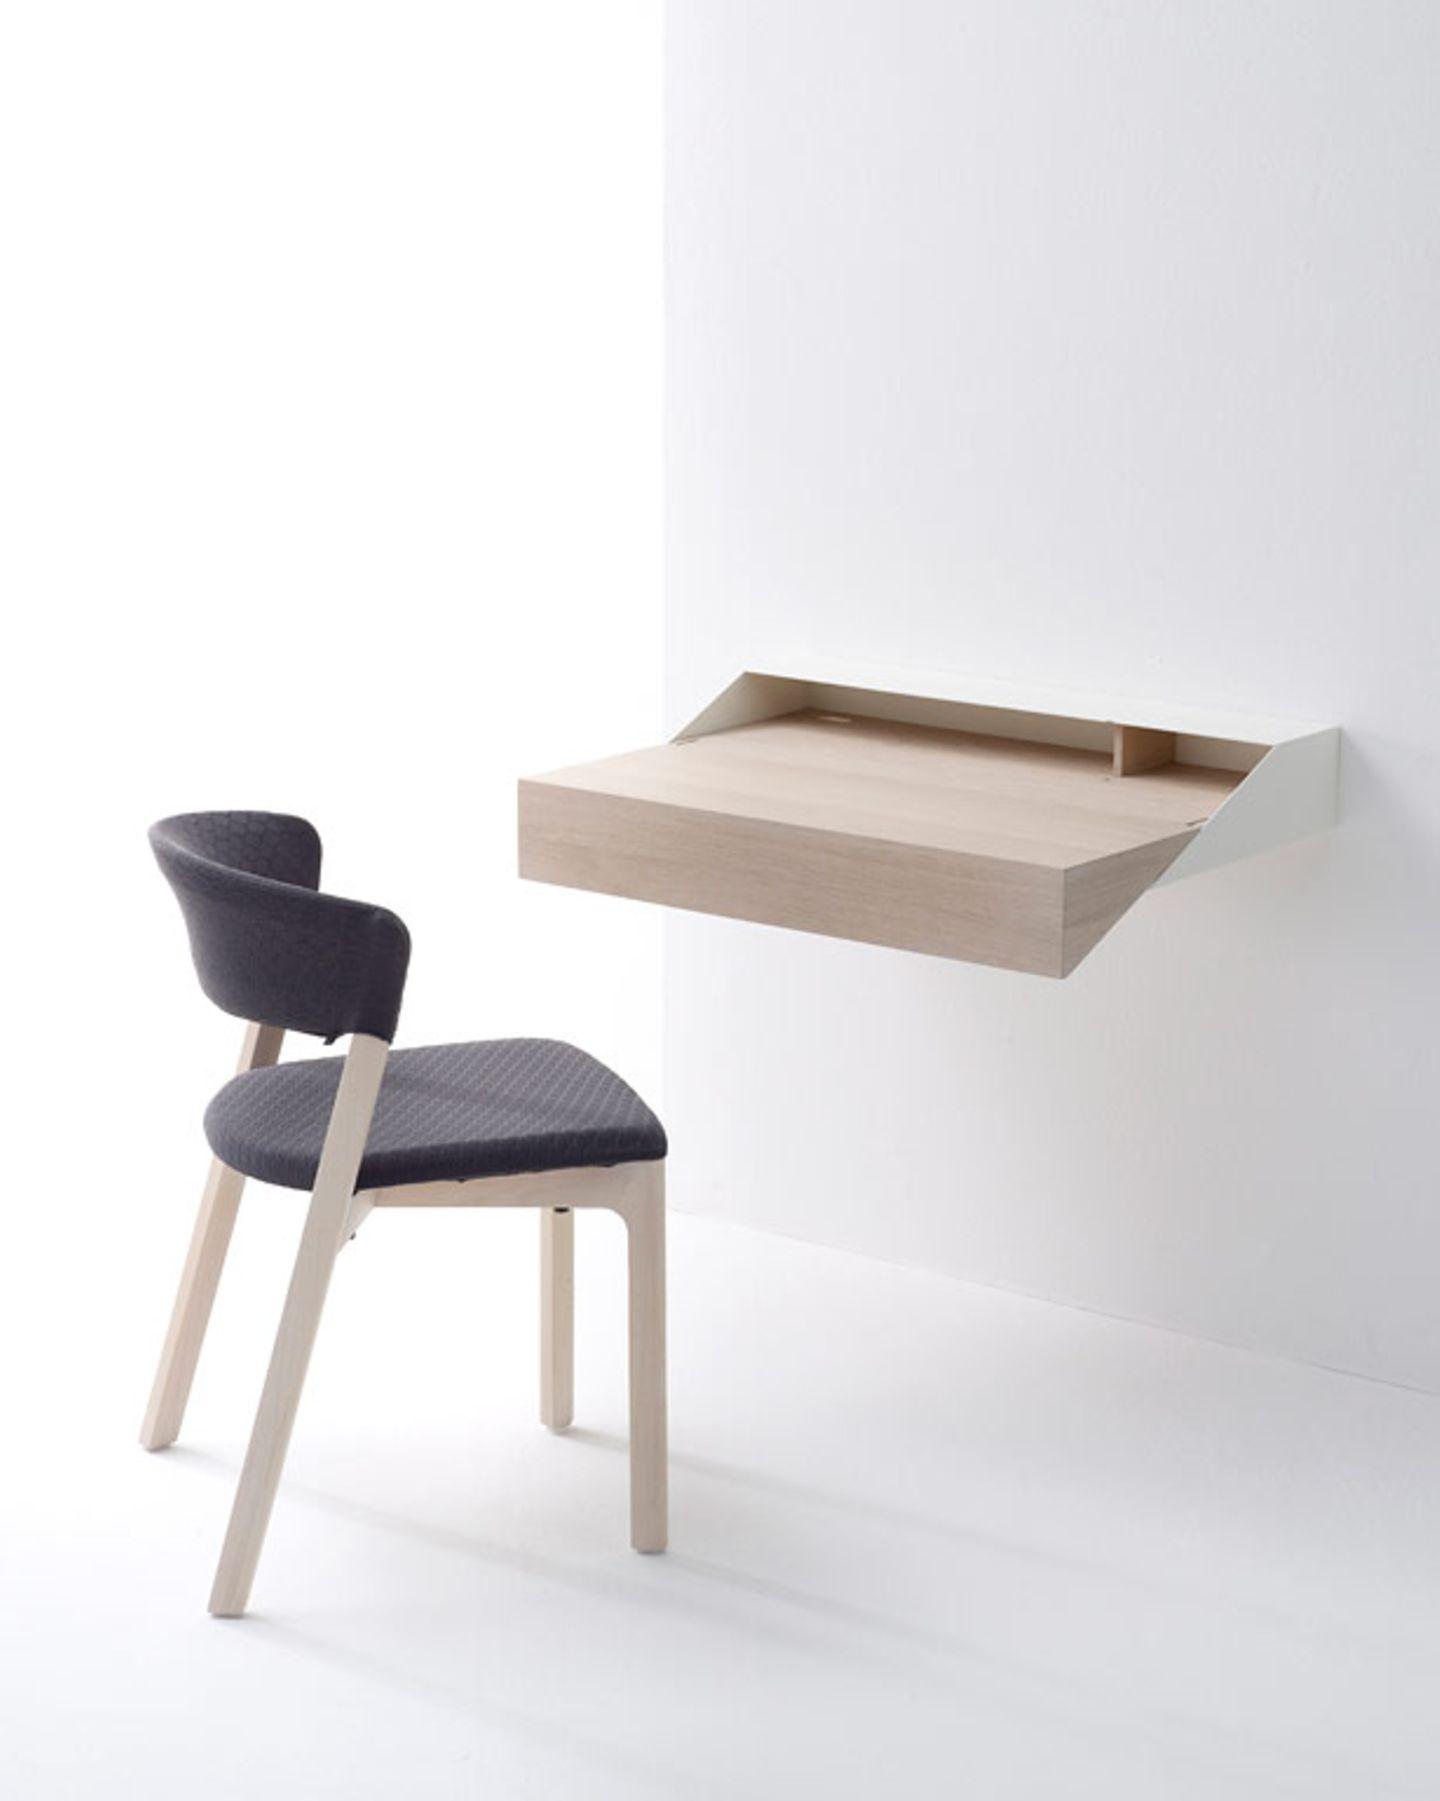 """Wandsekretär """"Desk Box"""" von Arco - Bild 15"""